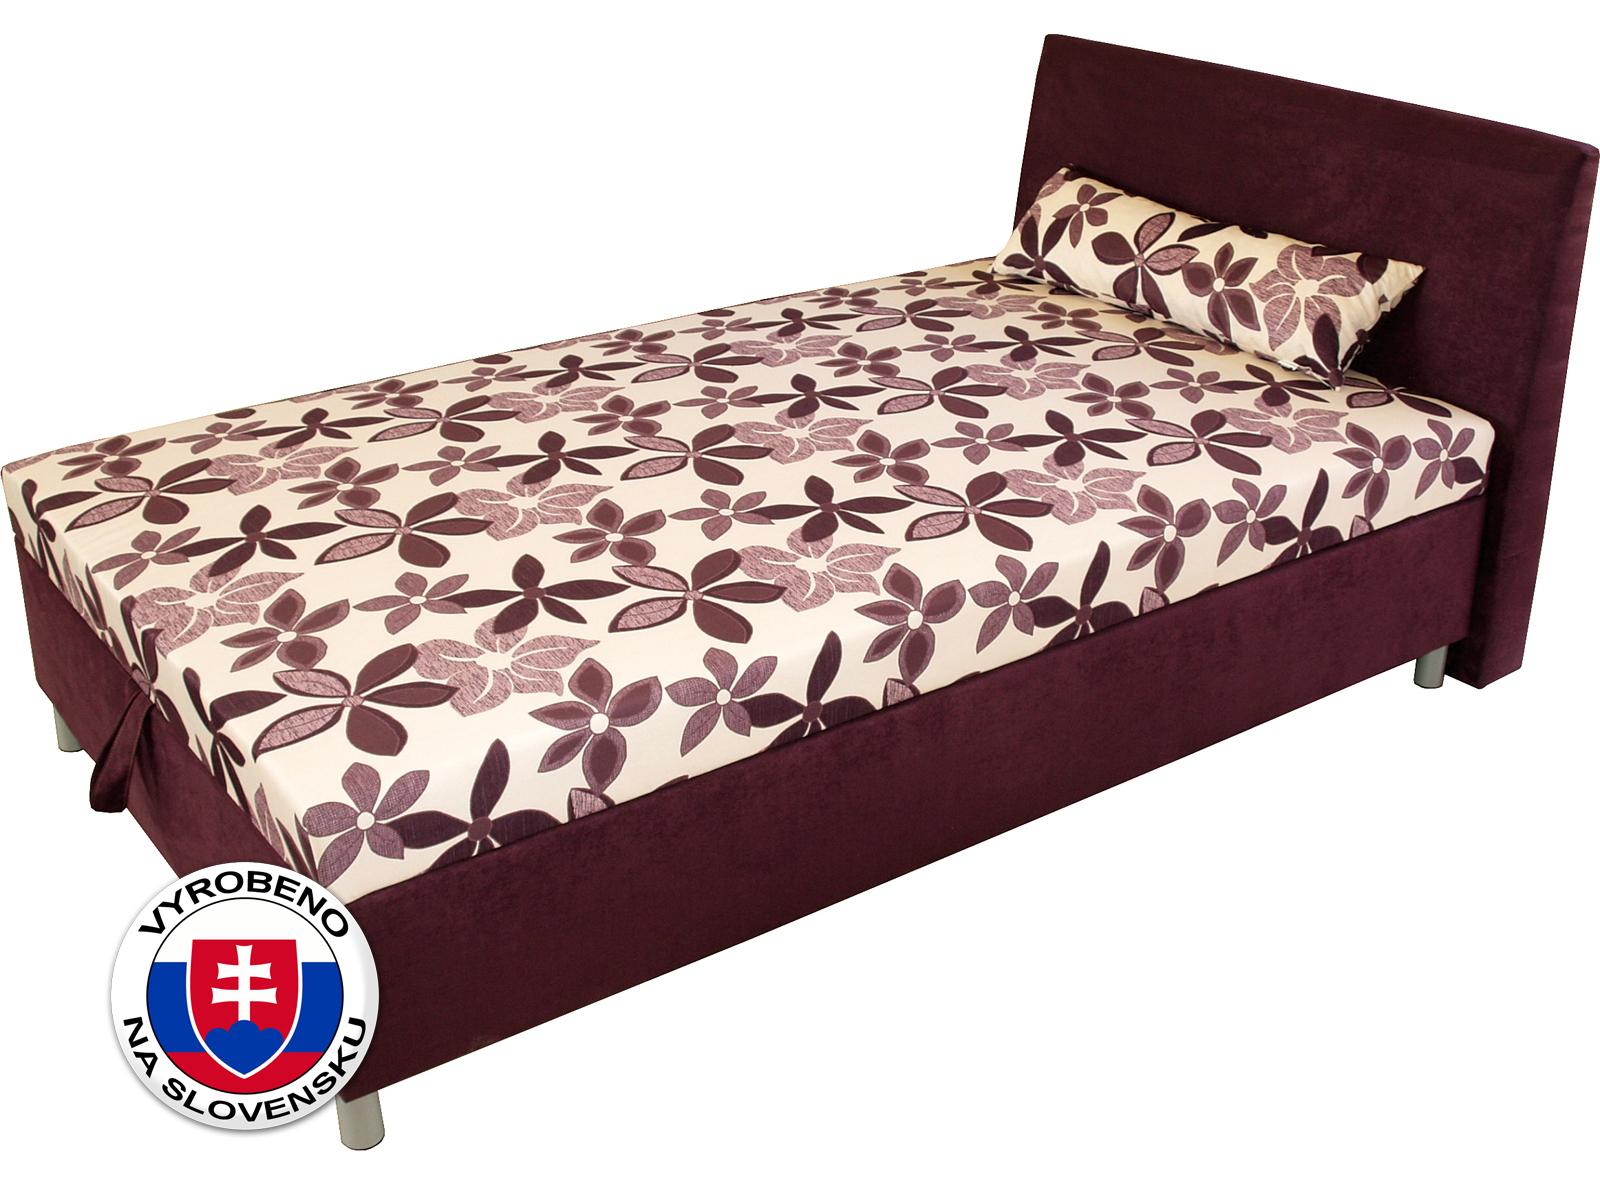 Jednolůžková postel (válenda) 100 cm - Benab - Elson komfort (s roštem, matracem a snímatelný polštářem)